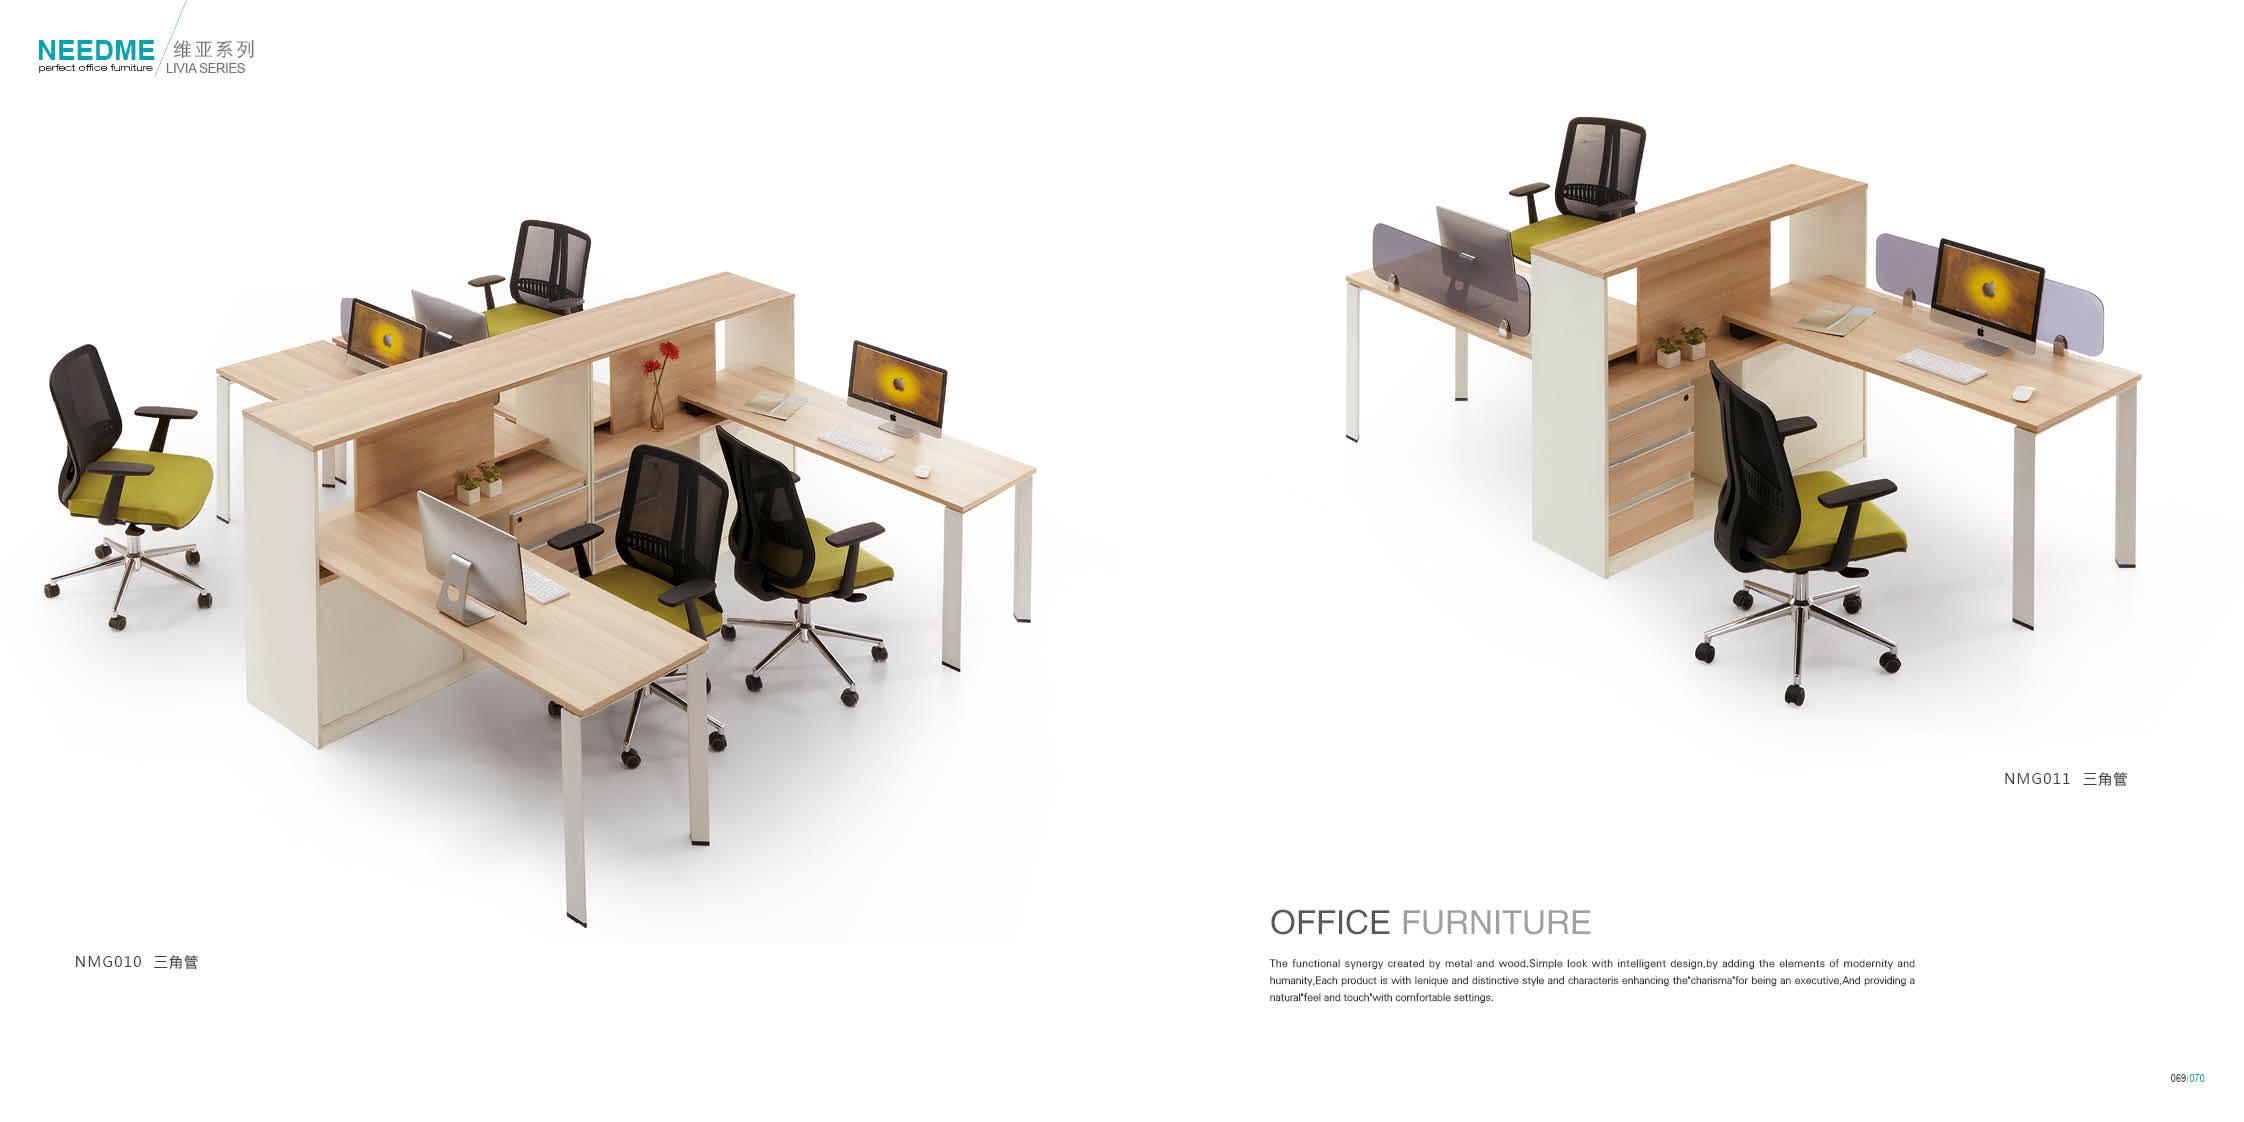 办公桌NMG010,011